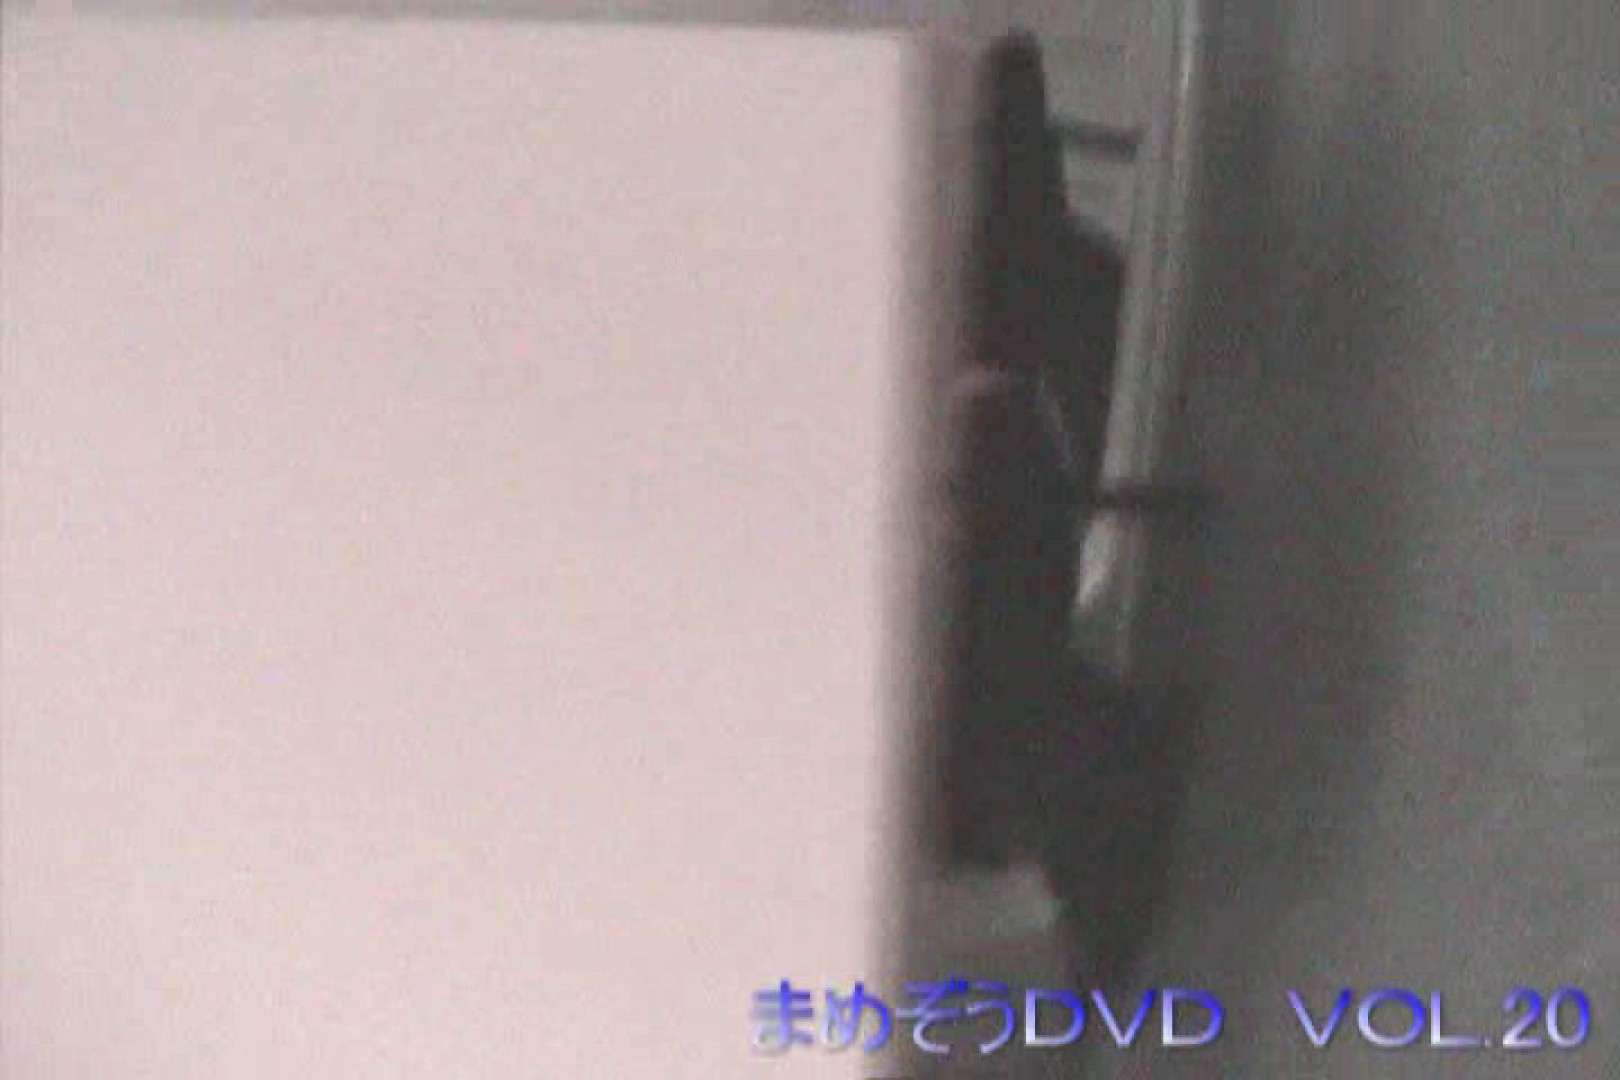 まめぞうDVD完全版VOL.20 OLの実態 | ギャルの実態  75pic 27